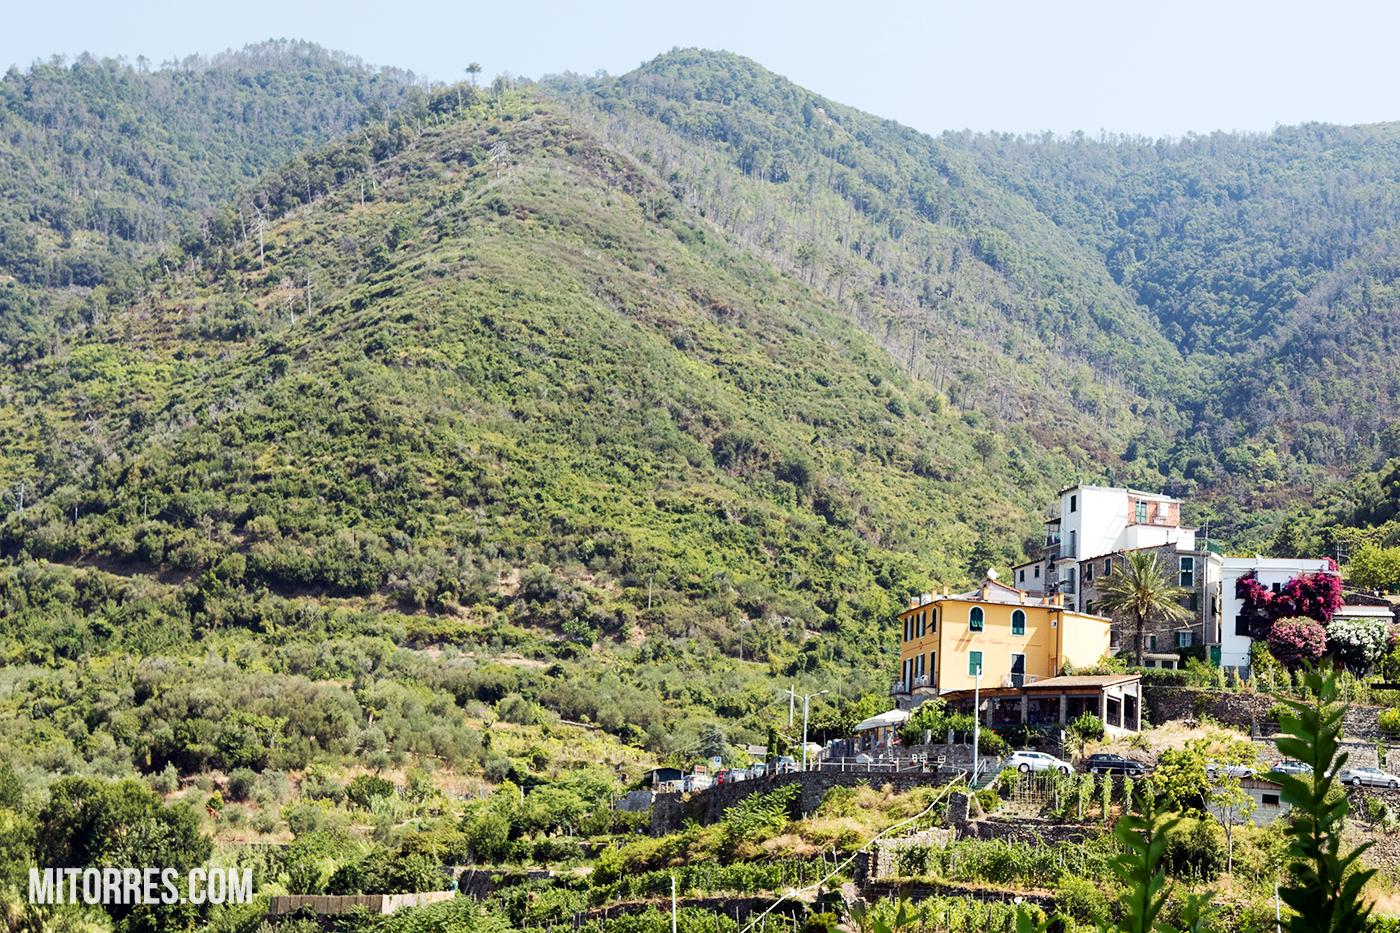 Corniglia, Cinque Terre. Photo: Marlon I. Torres